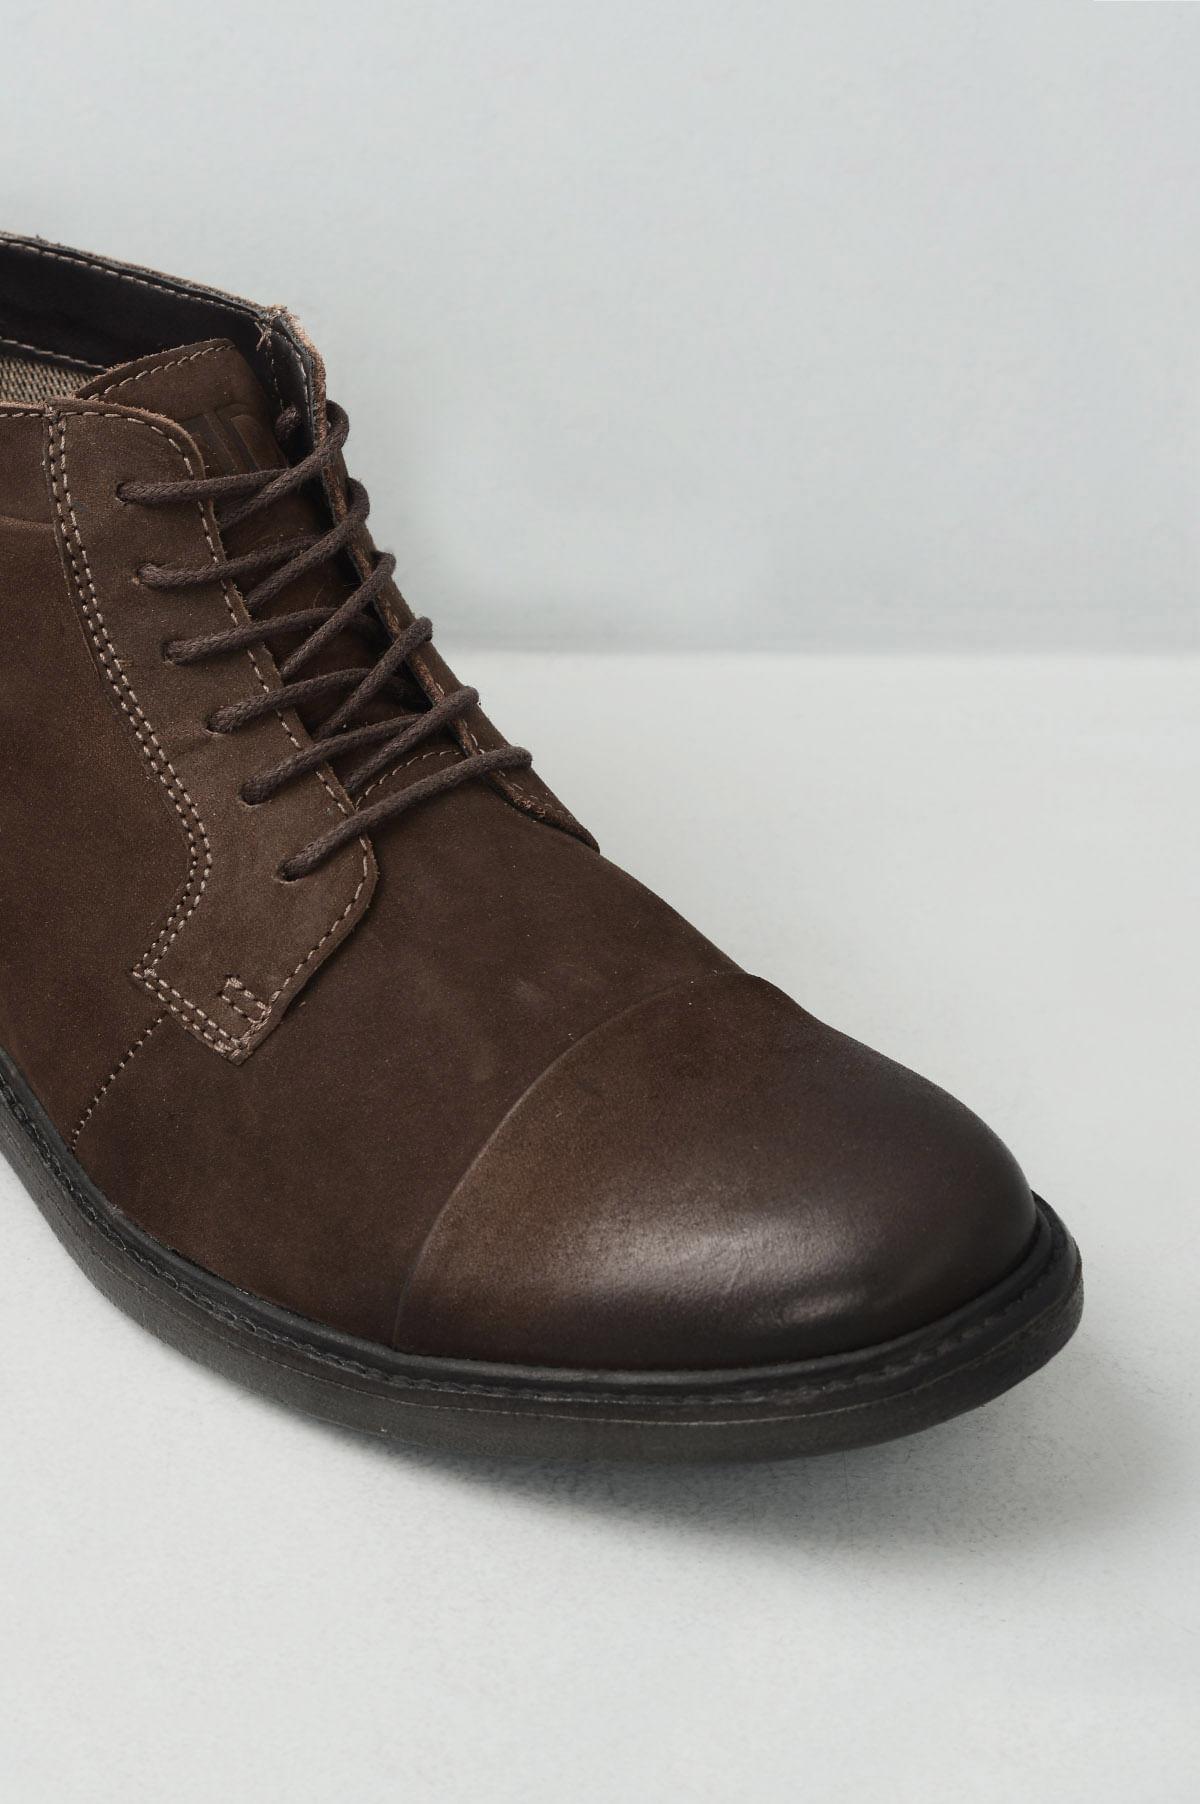 a9b562075 Bota Masculina Democrata Rust André NOB CAFE - Mundial Calçados